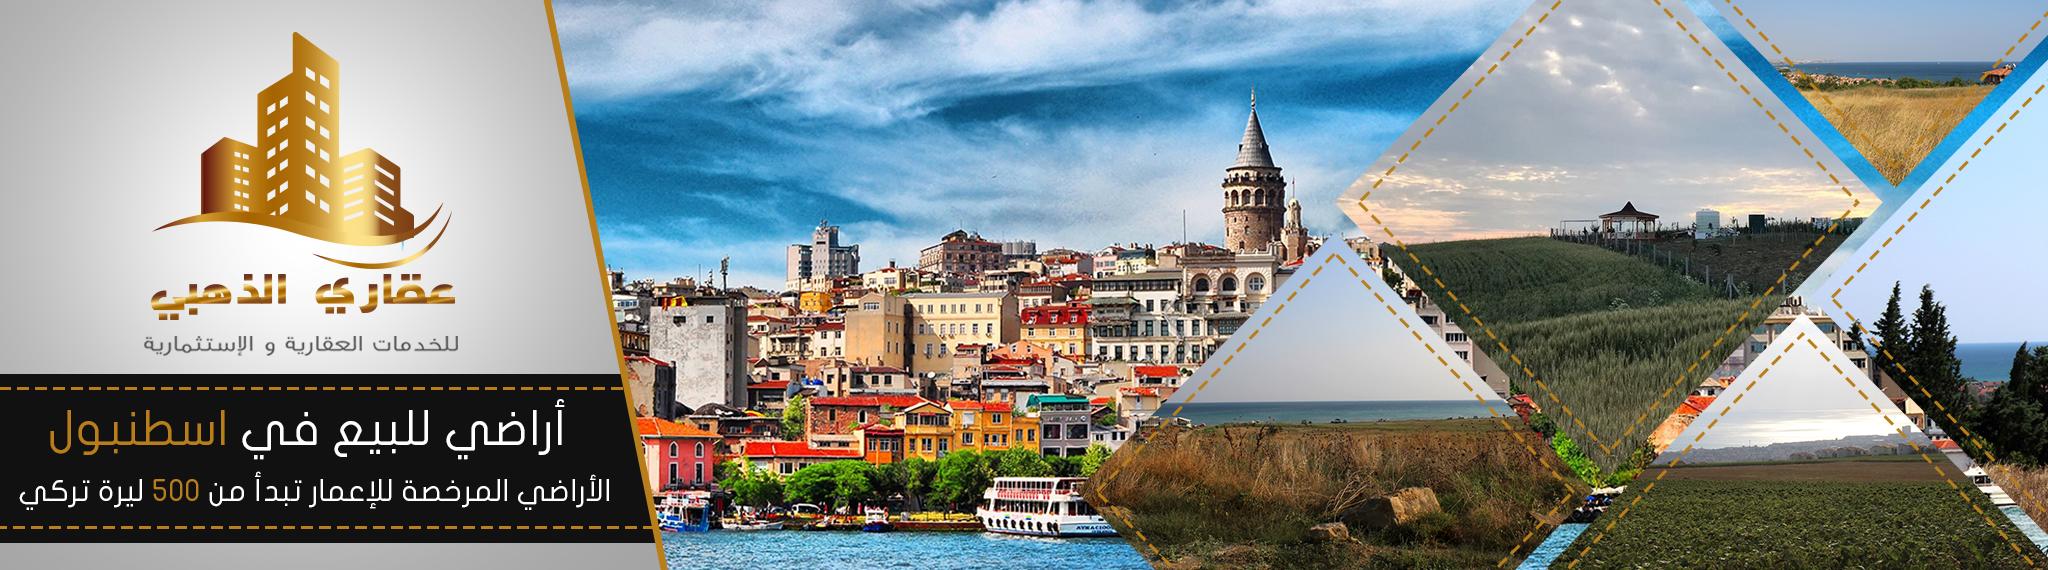 فلل في اسطنبول